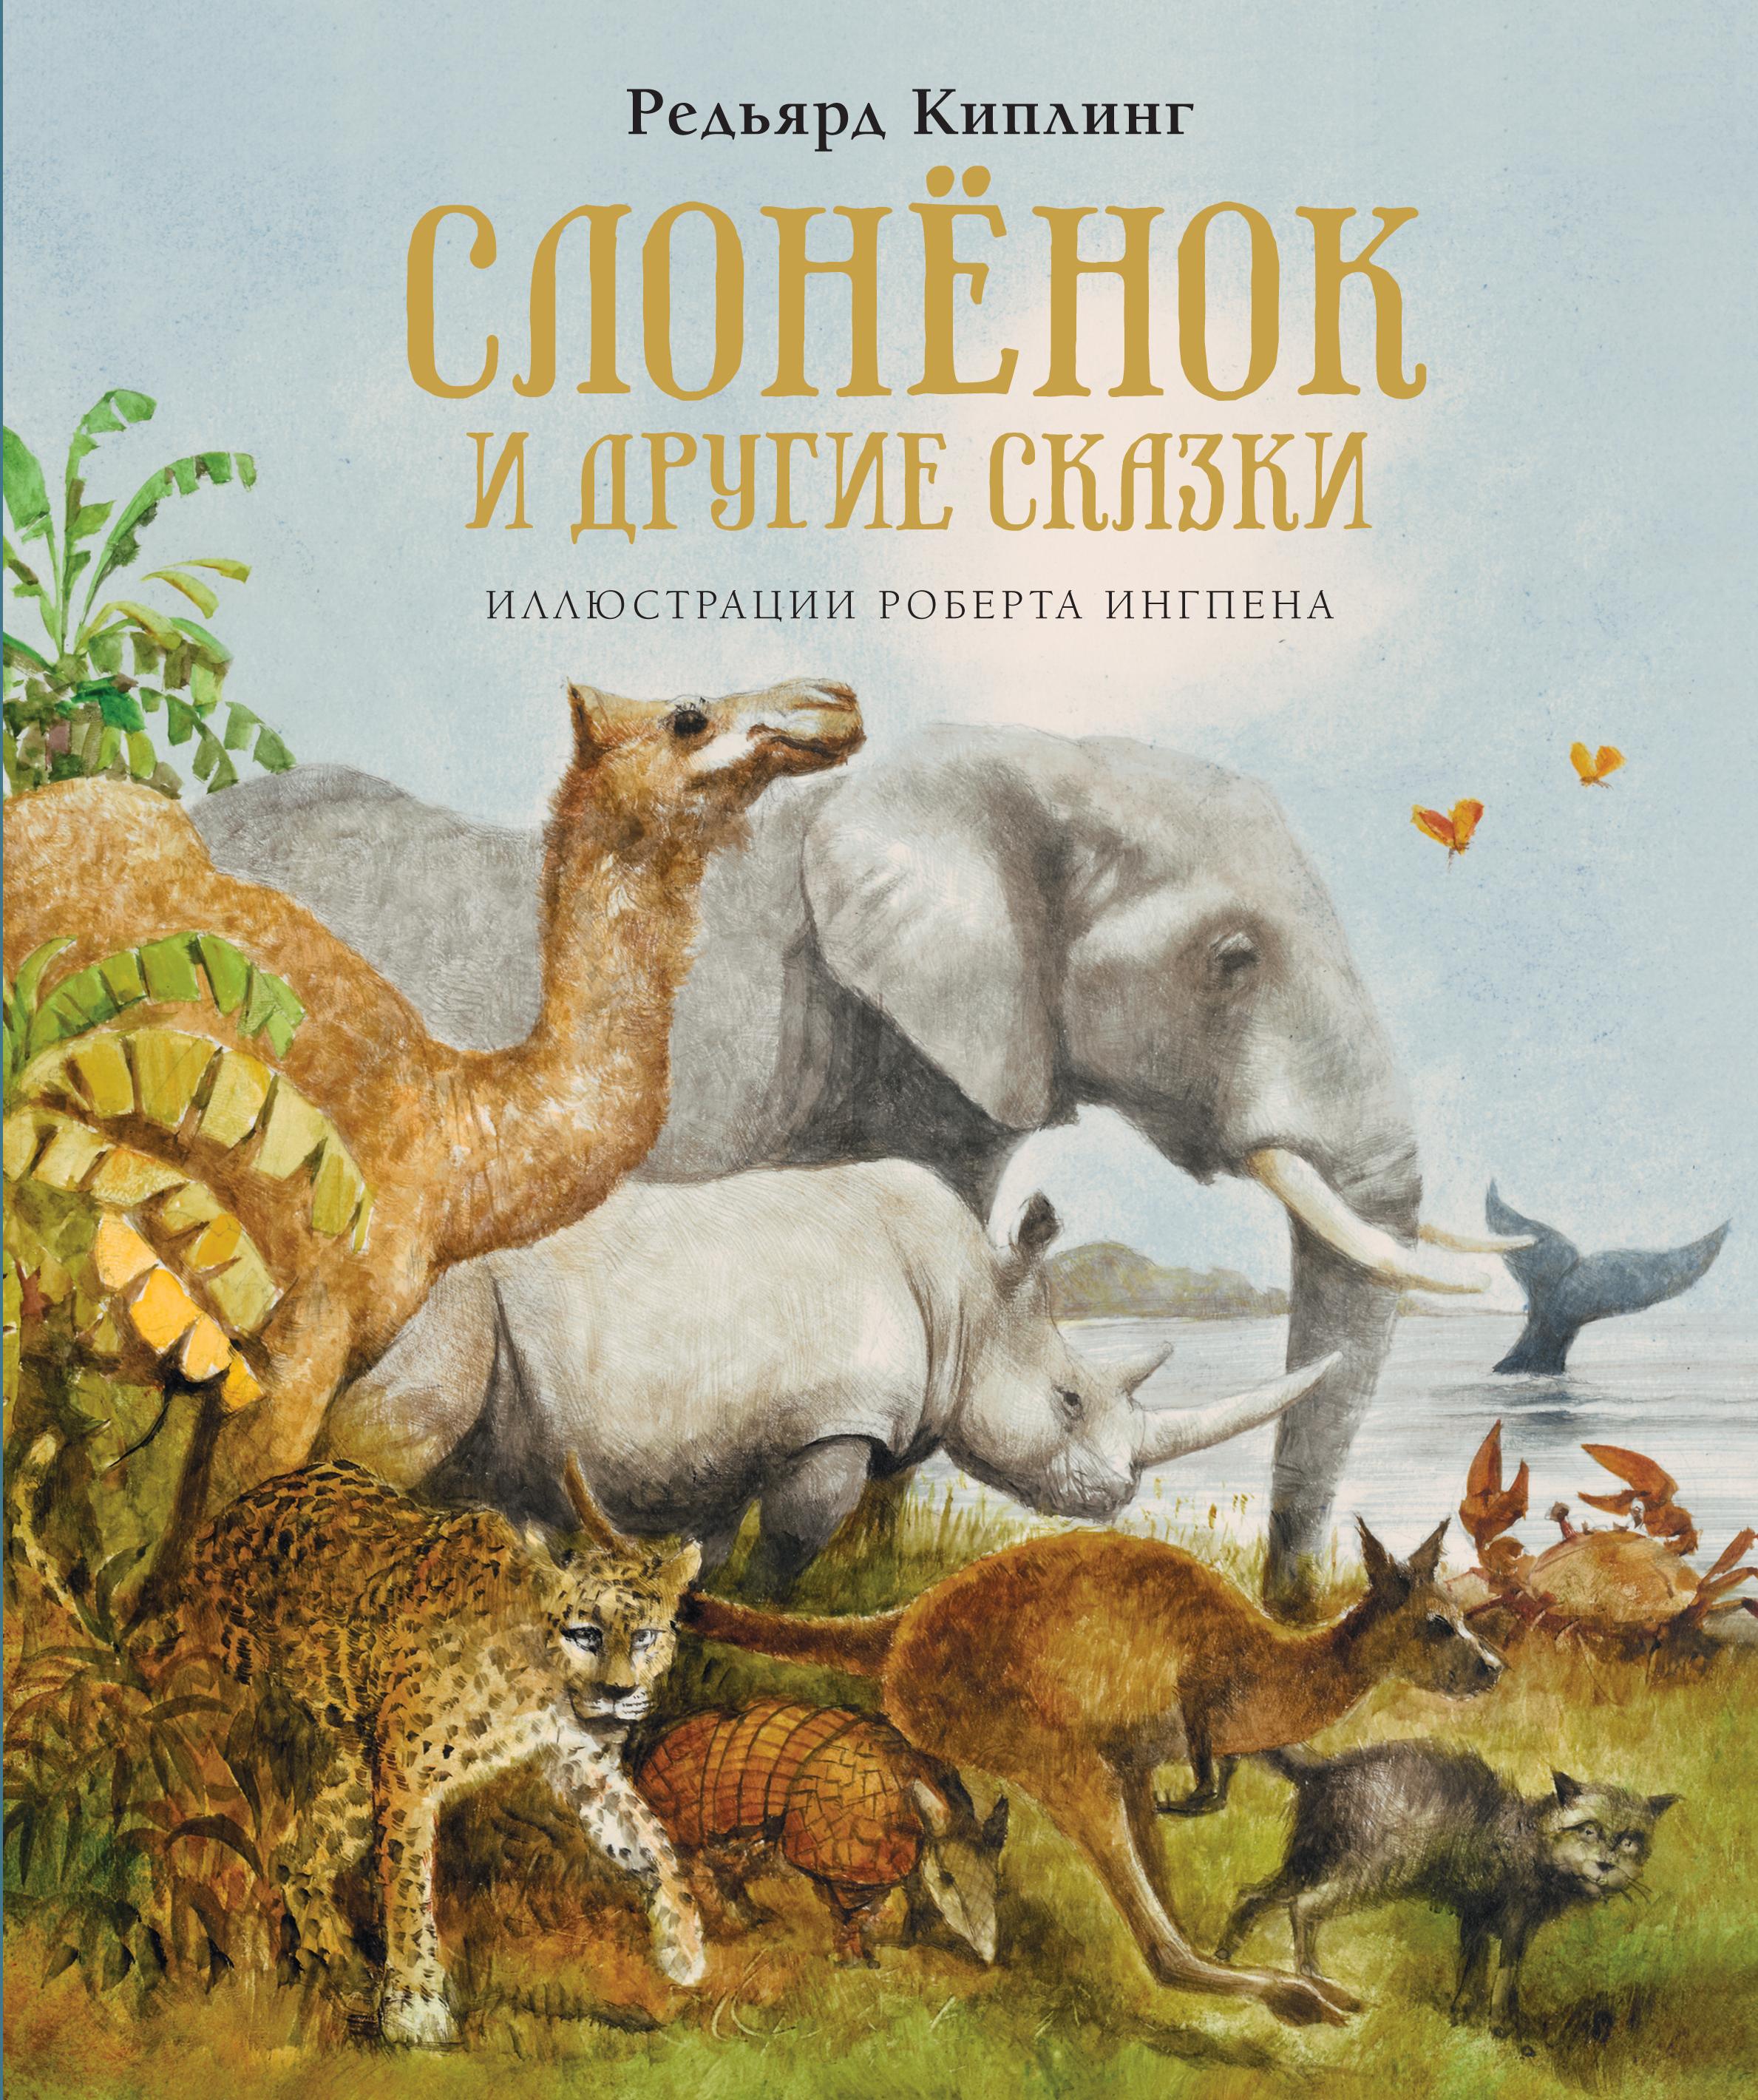 Сказка «слоненок»